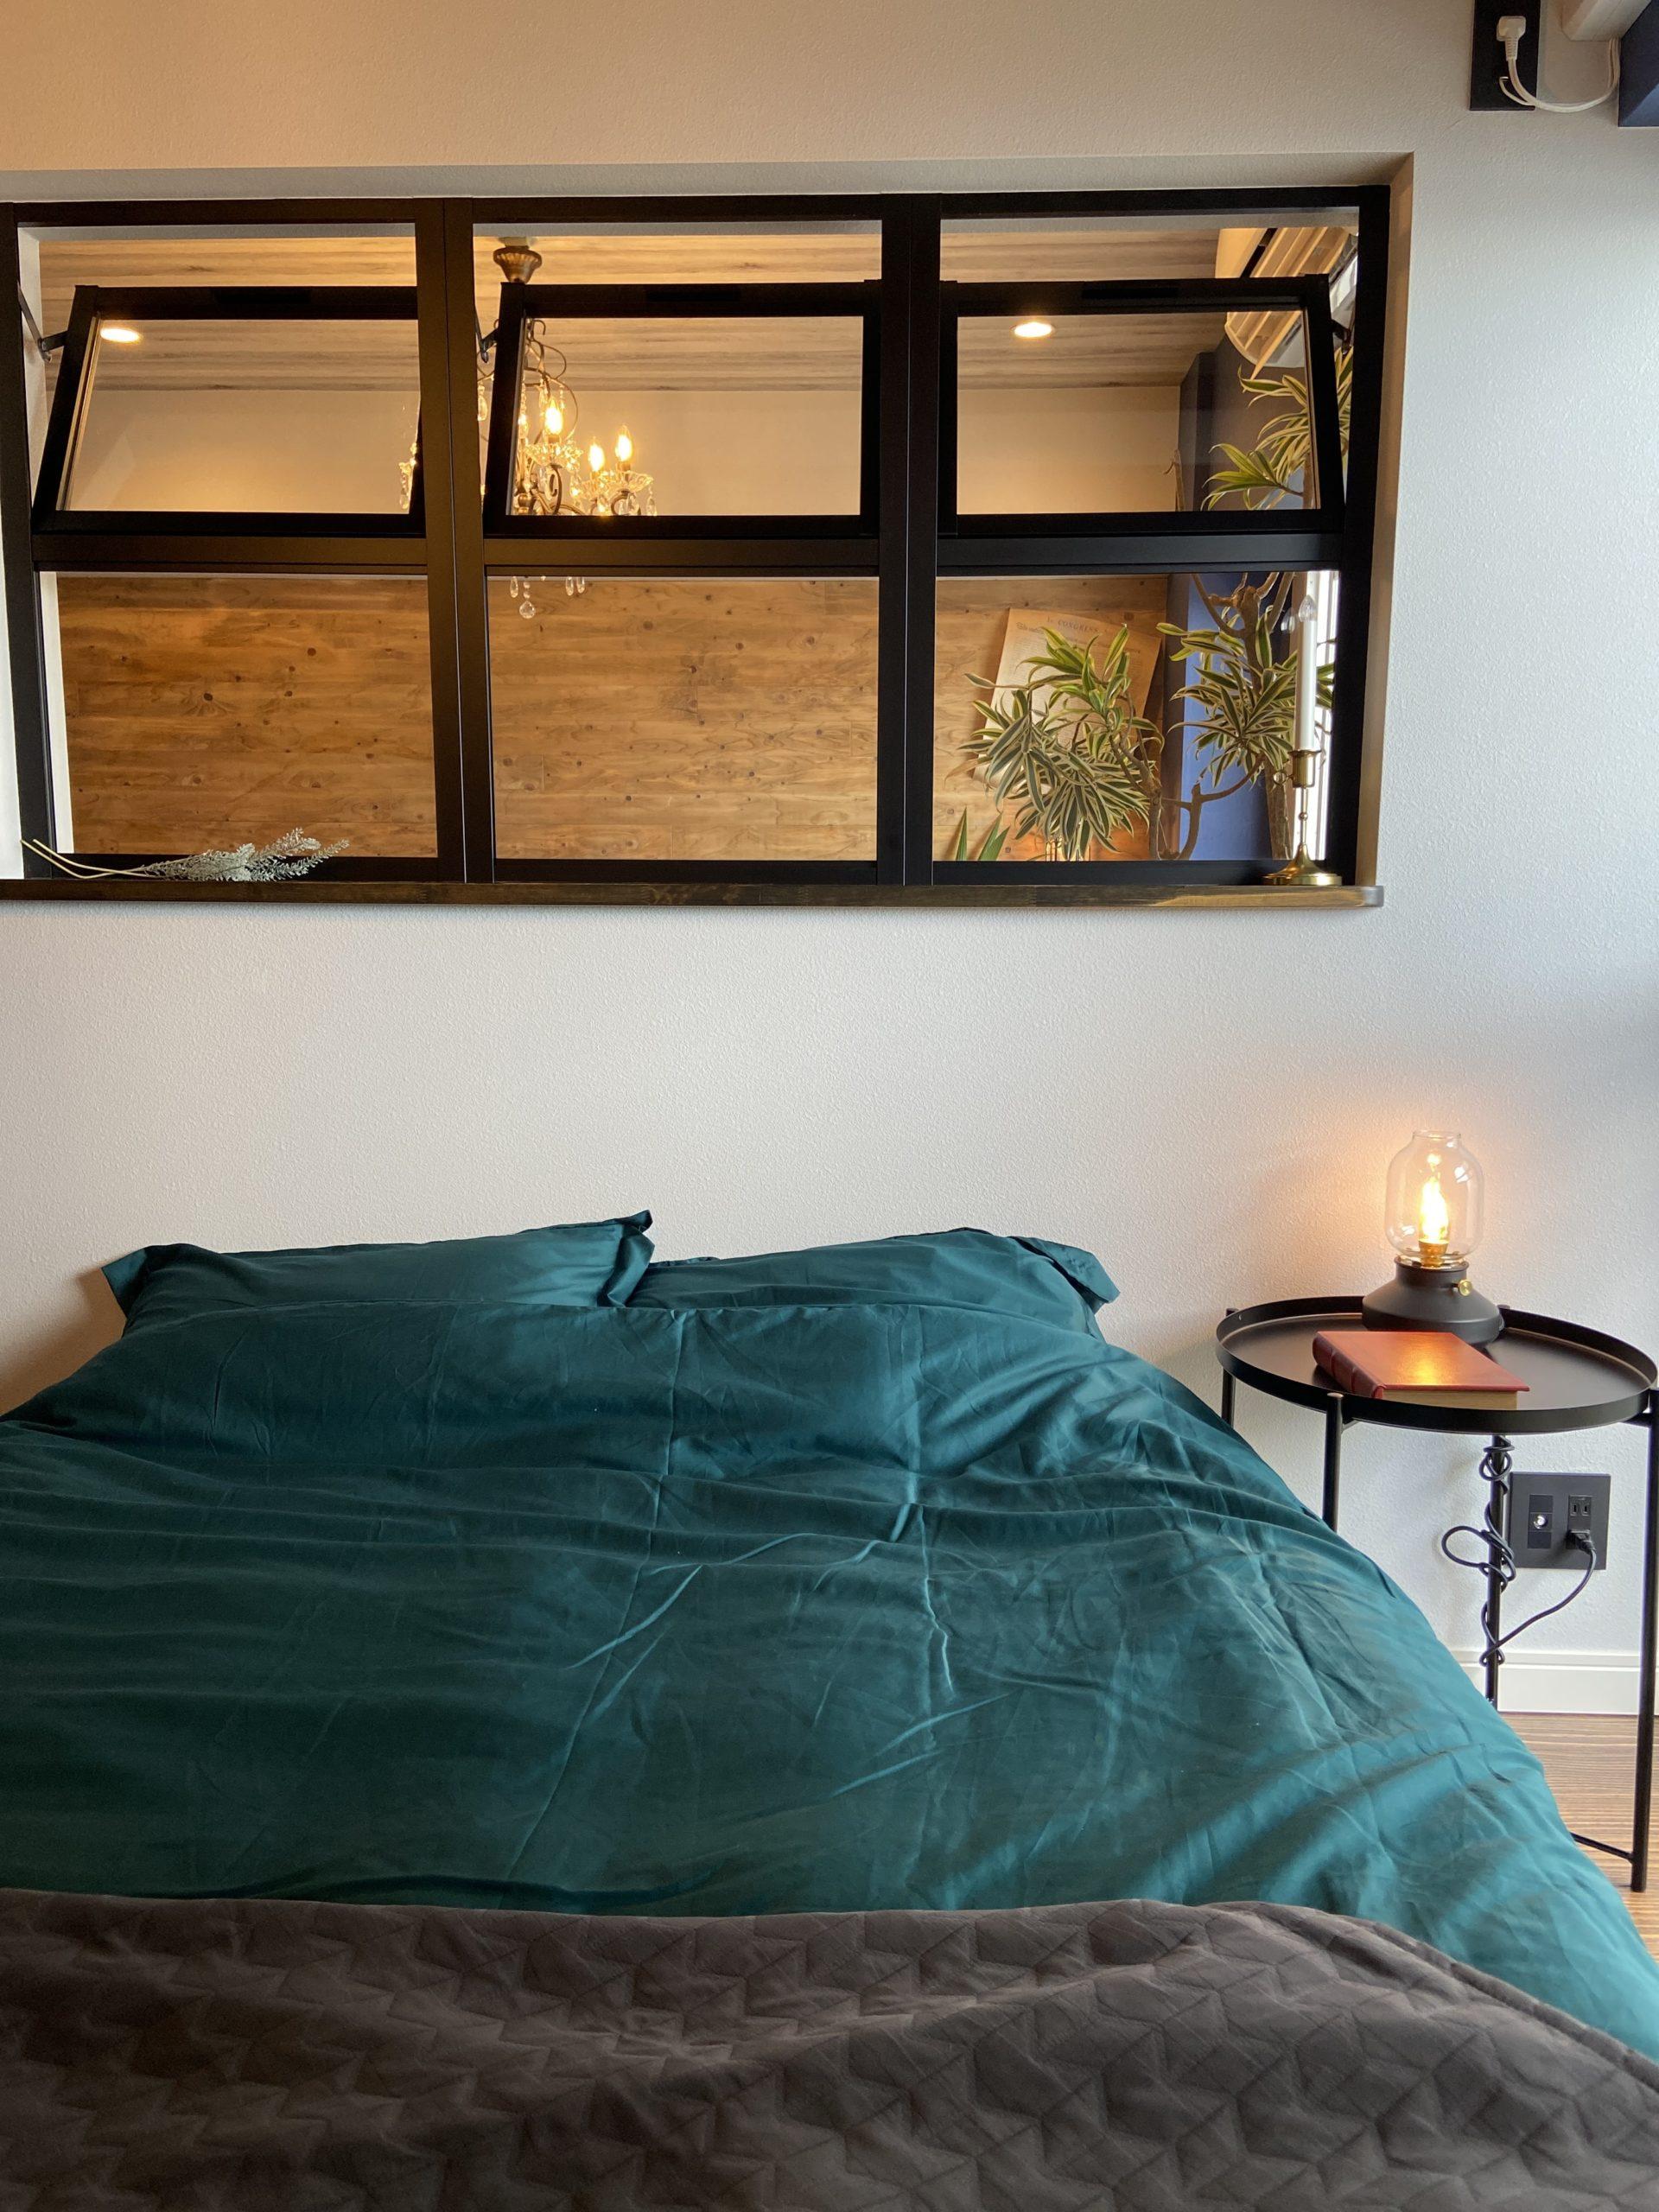 【明石市】海が見えるお部屋「ヴィンテージリゾート」明石アーバンライフ619号室。ステージング後の寝室(BEDROOM)。室内窓で明るく開放的に。